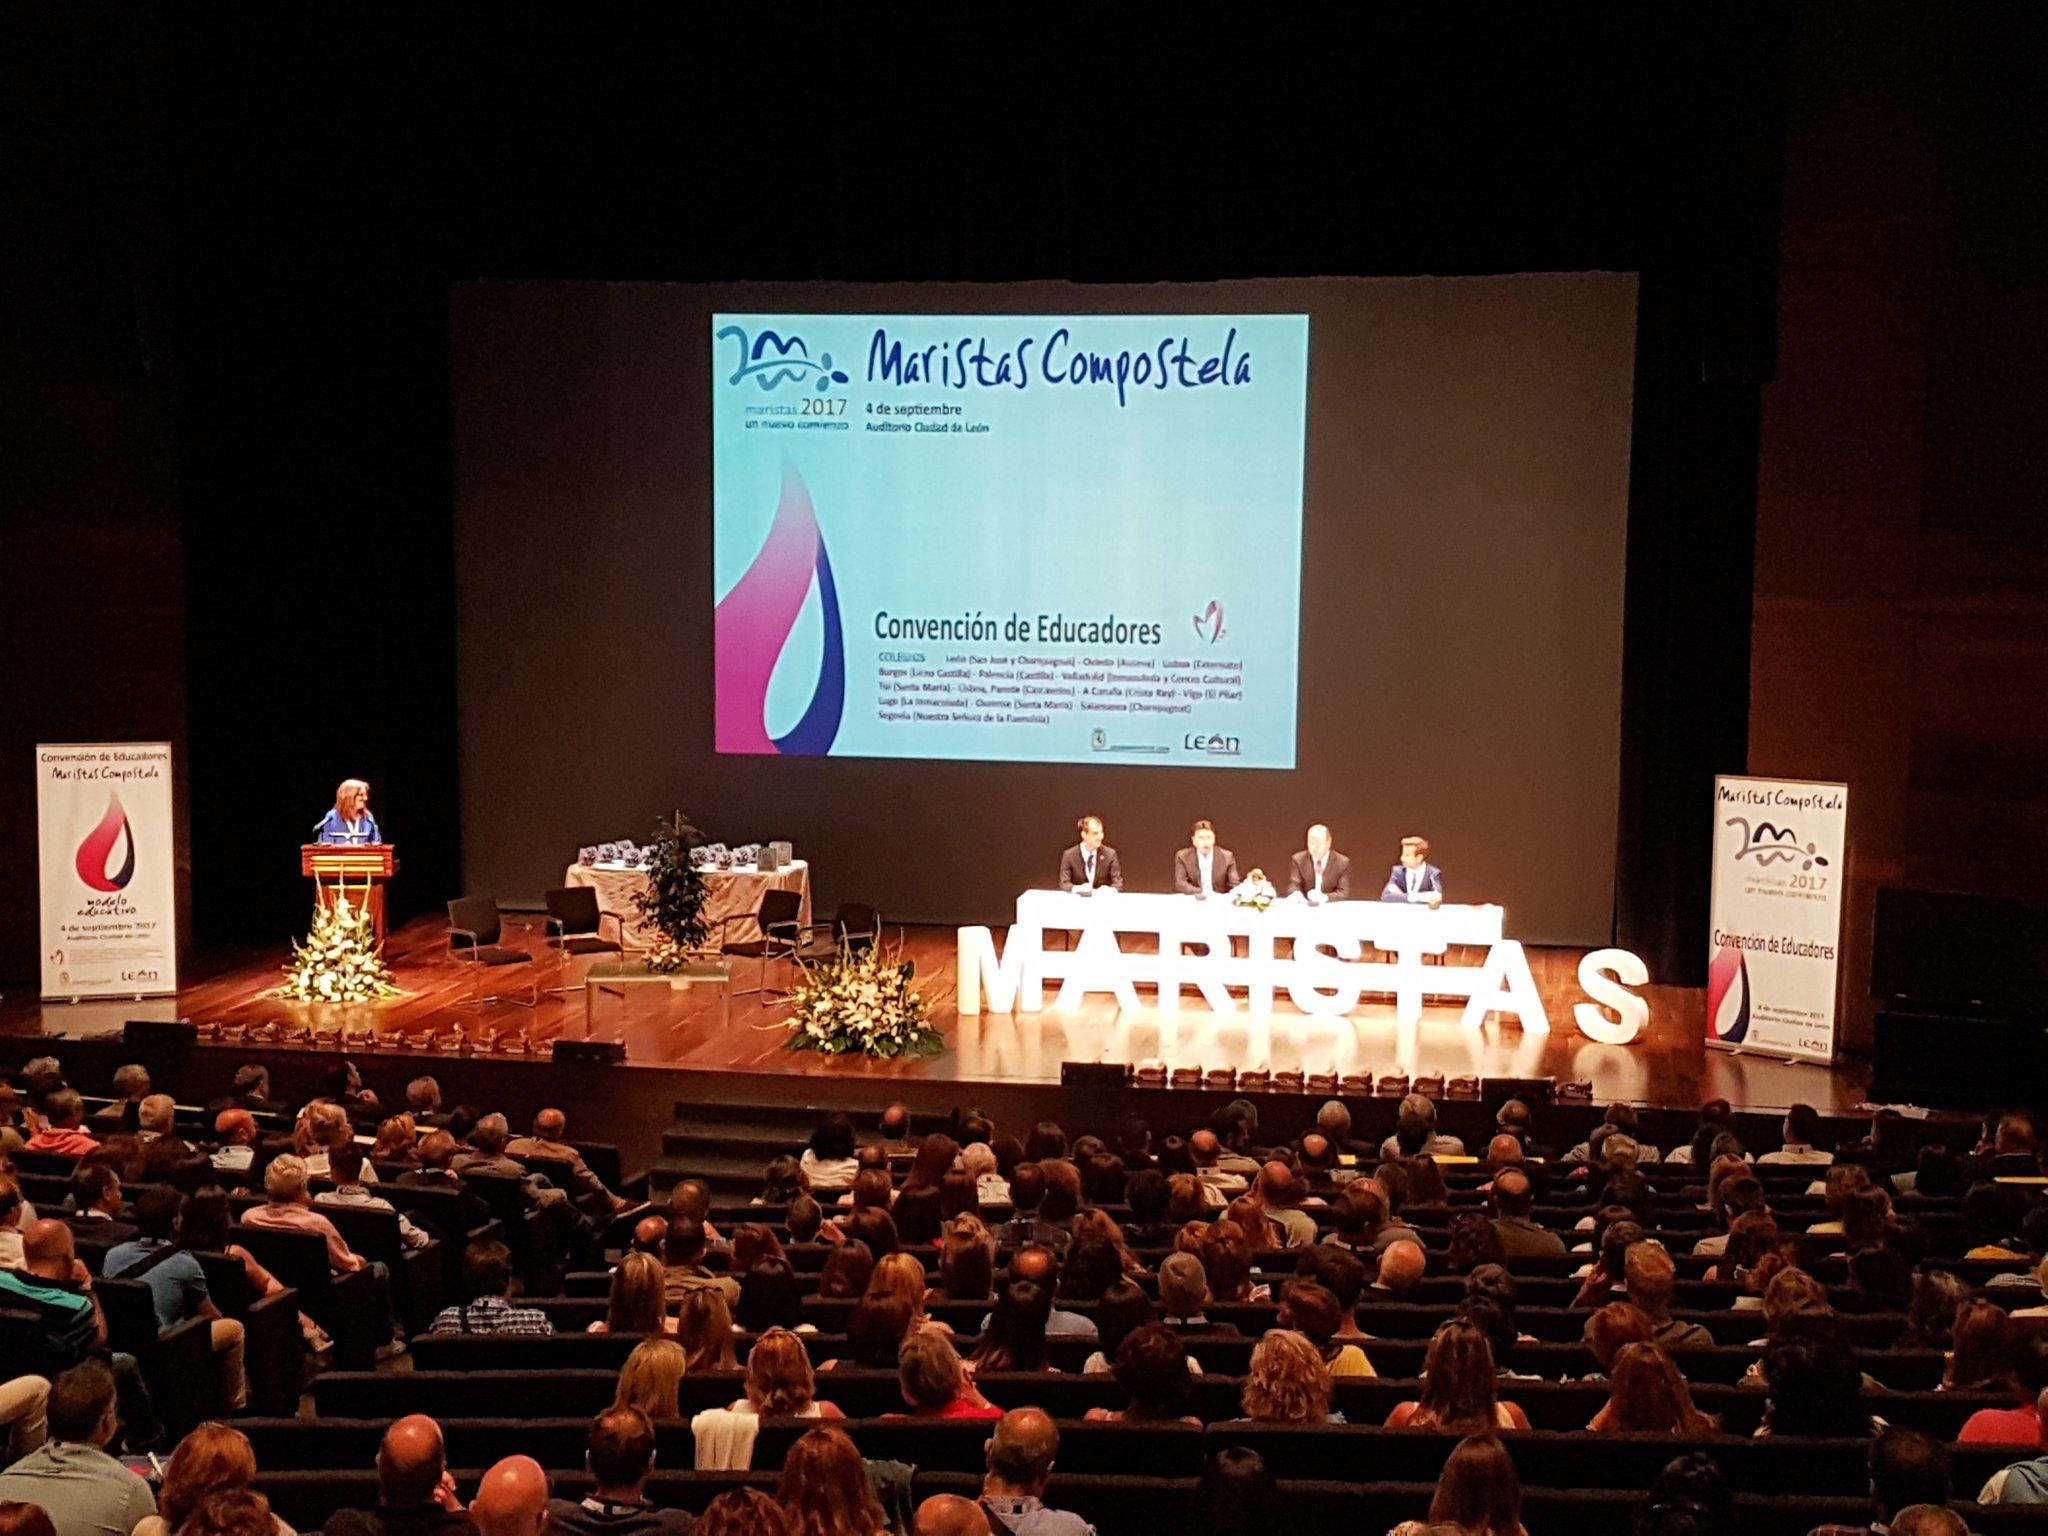 Convención Maristas Compostela en León